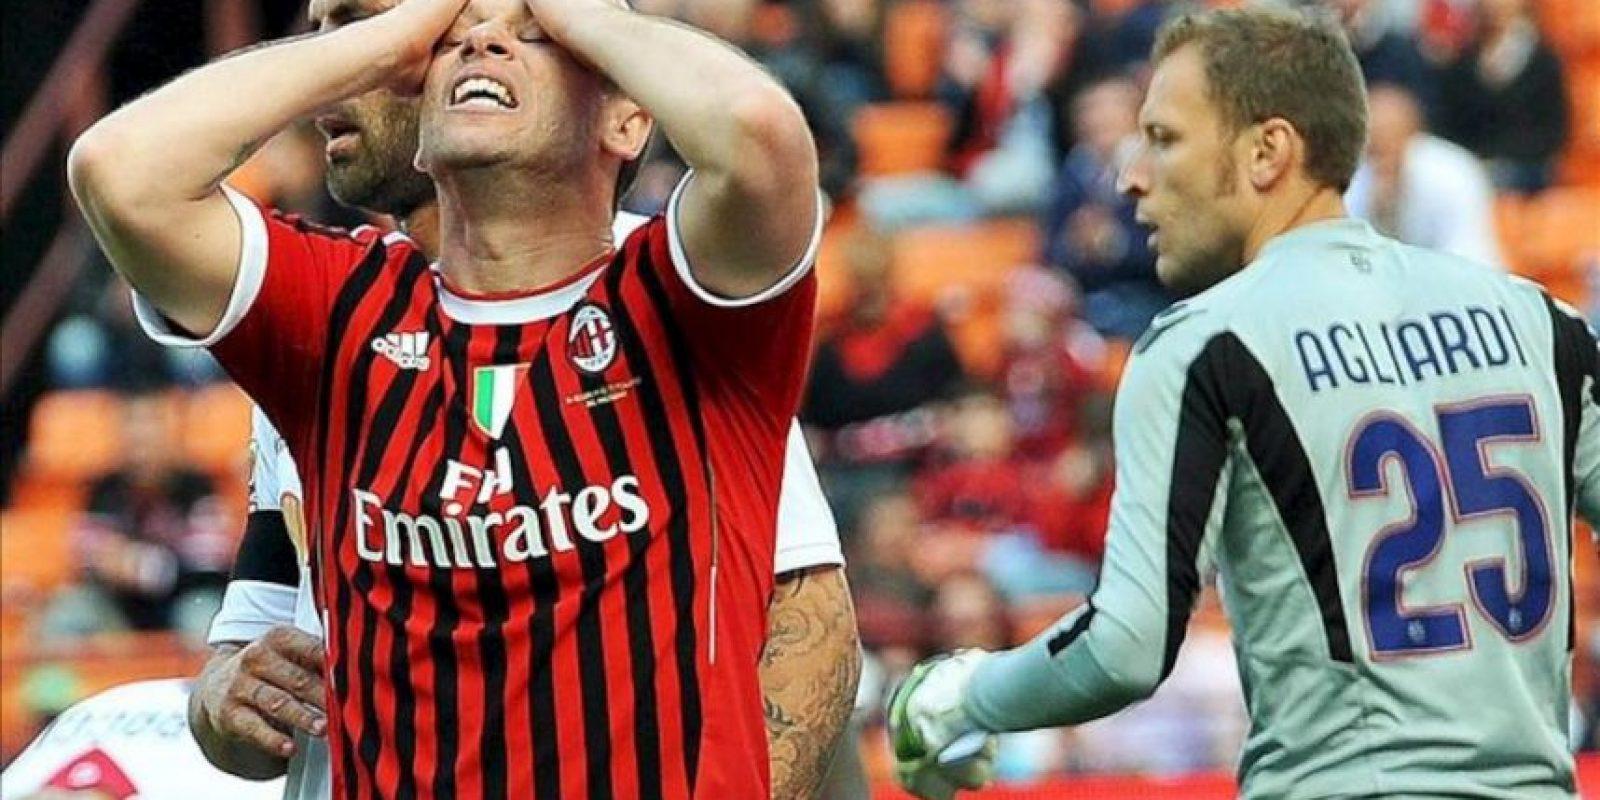 El delantero italiano Antonio Cassano (i), del Milán, se lamenta tras desaprovechar una ocasión de marcar un gol durante el partido de Serie A de la liga italiana de fútbol que enfrentó a su equipo contra el Bolonia en el estadio Giuseppe Meazza de Milán, Italia. El partido finalizó 1-1. EFE